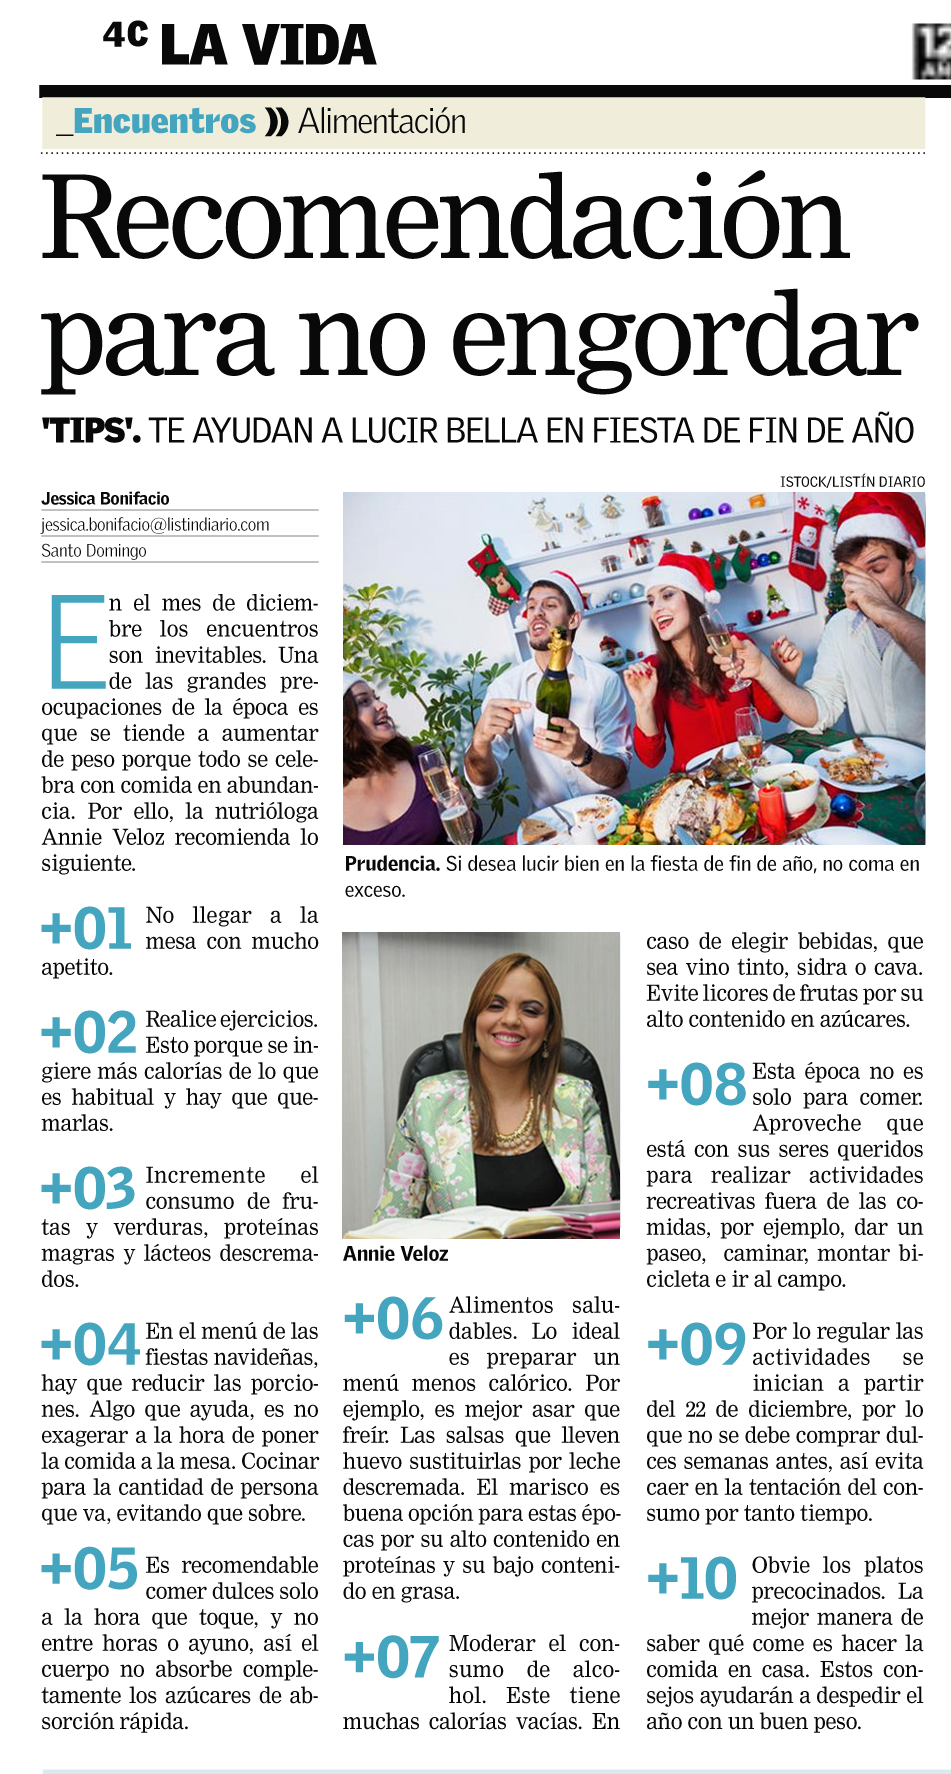 Listin Diario 26 Diciembre 2015